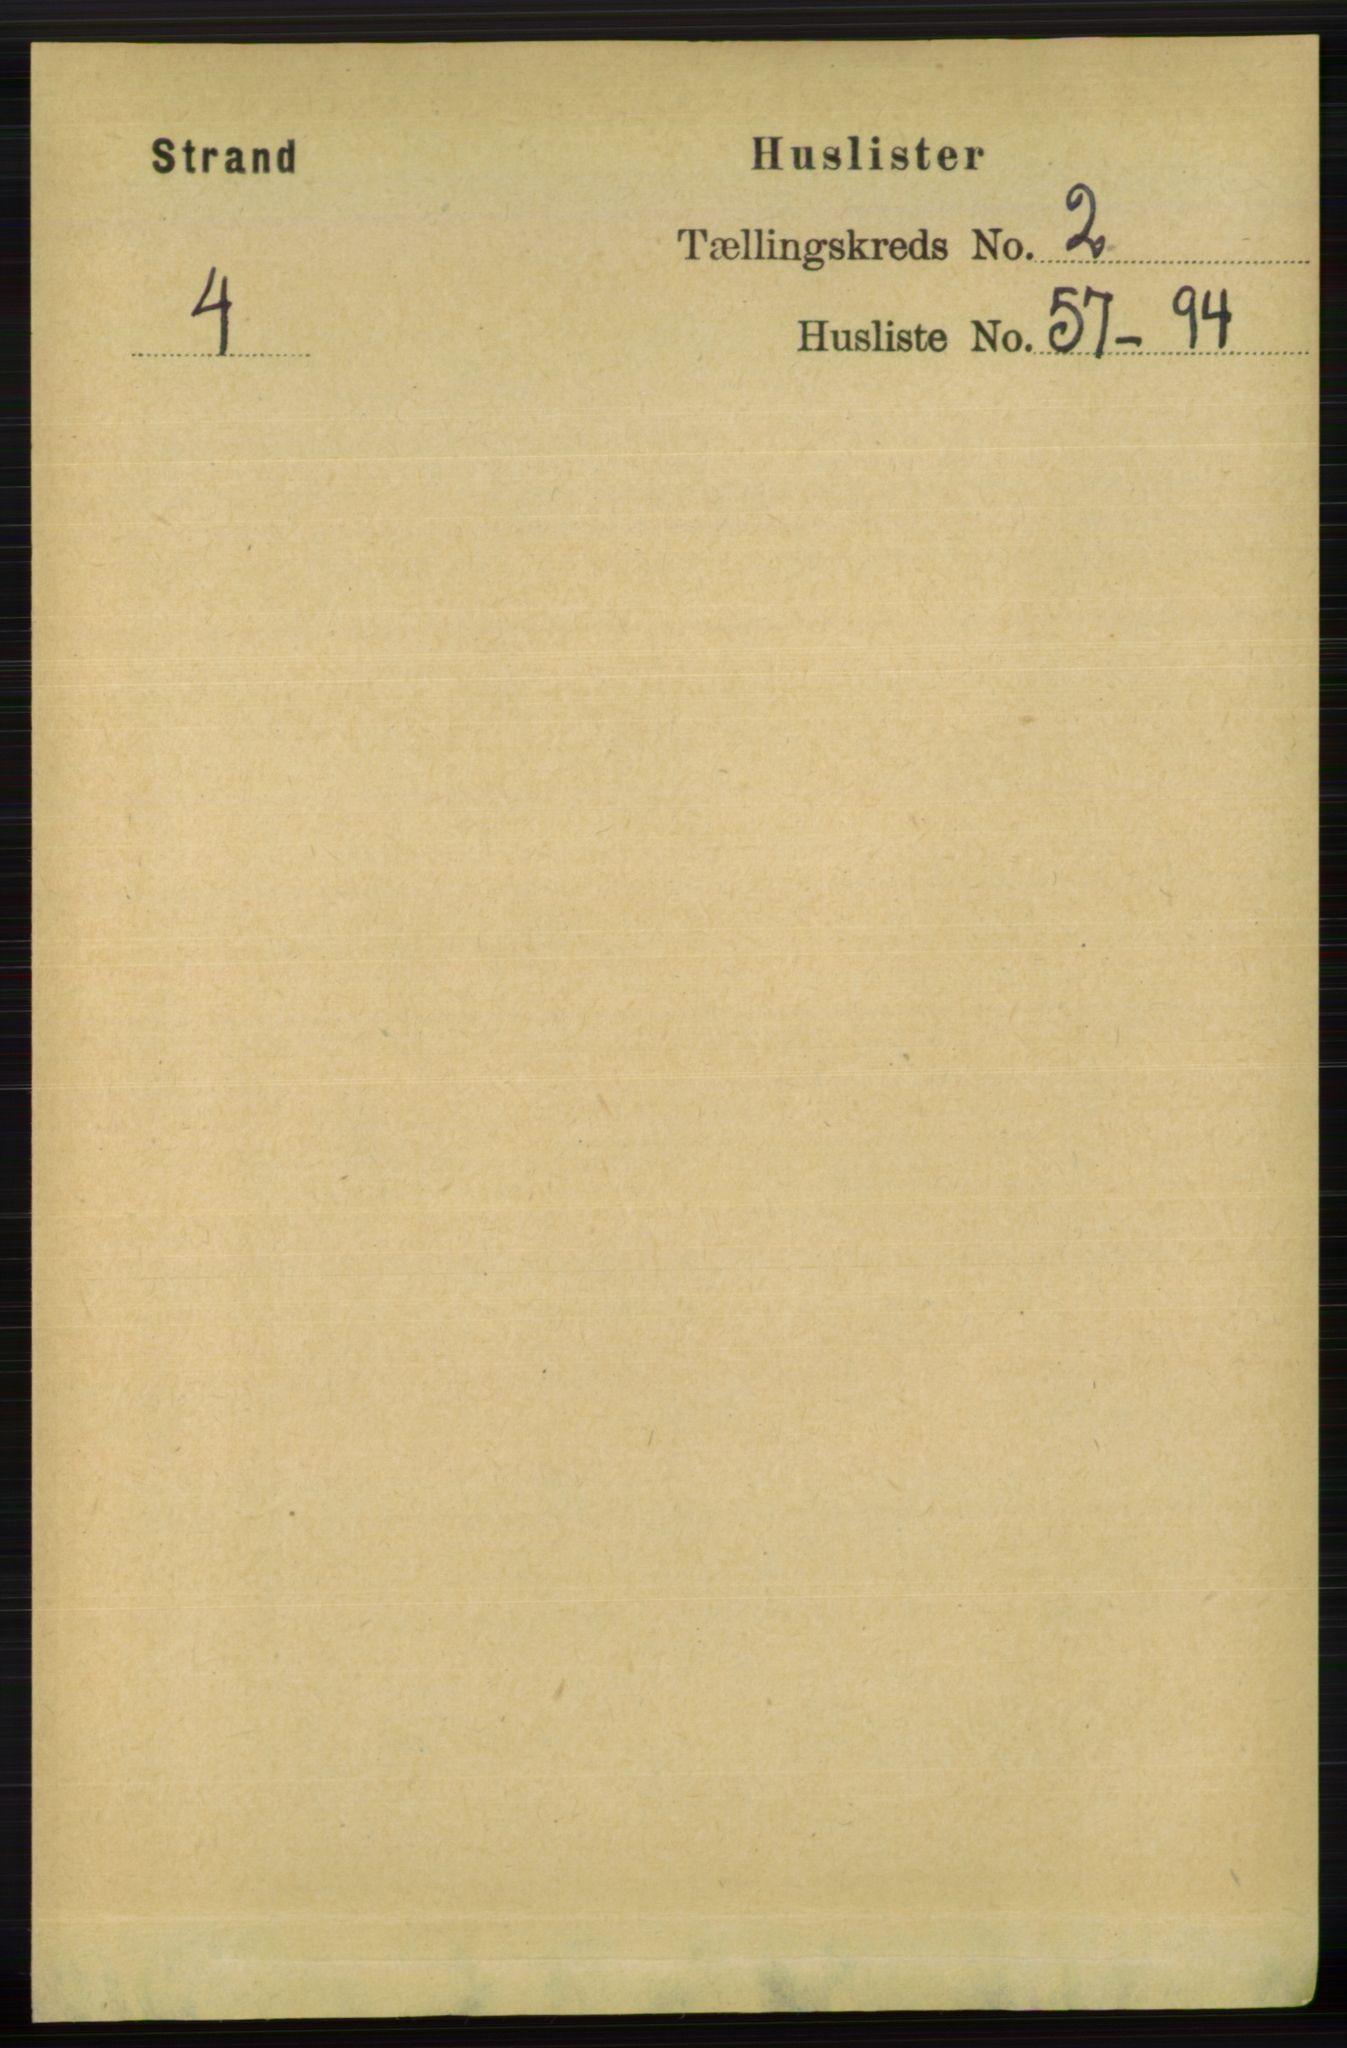 RA, Folketelling 1891 for 1130 Strand herred, 1891, s. 409